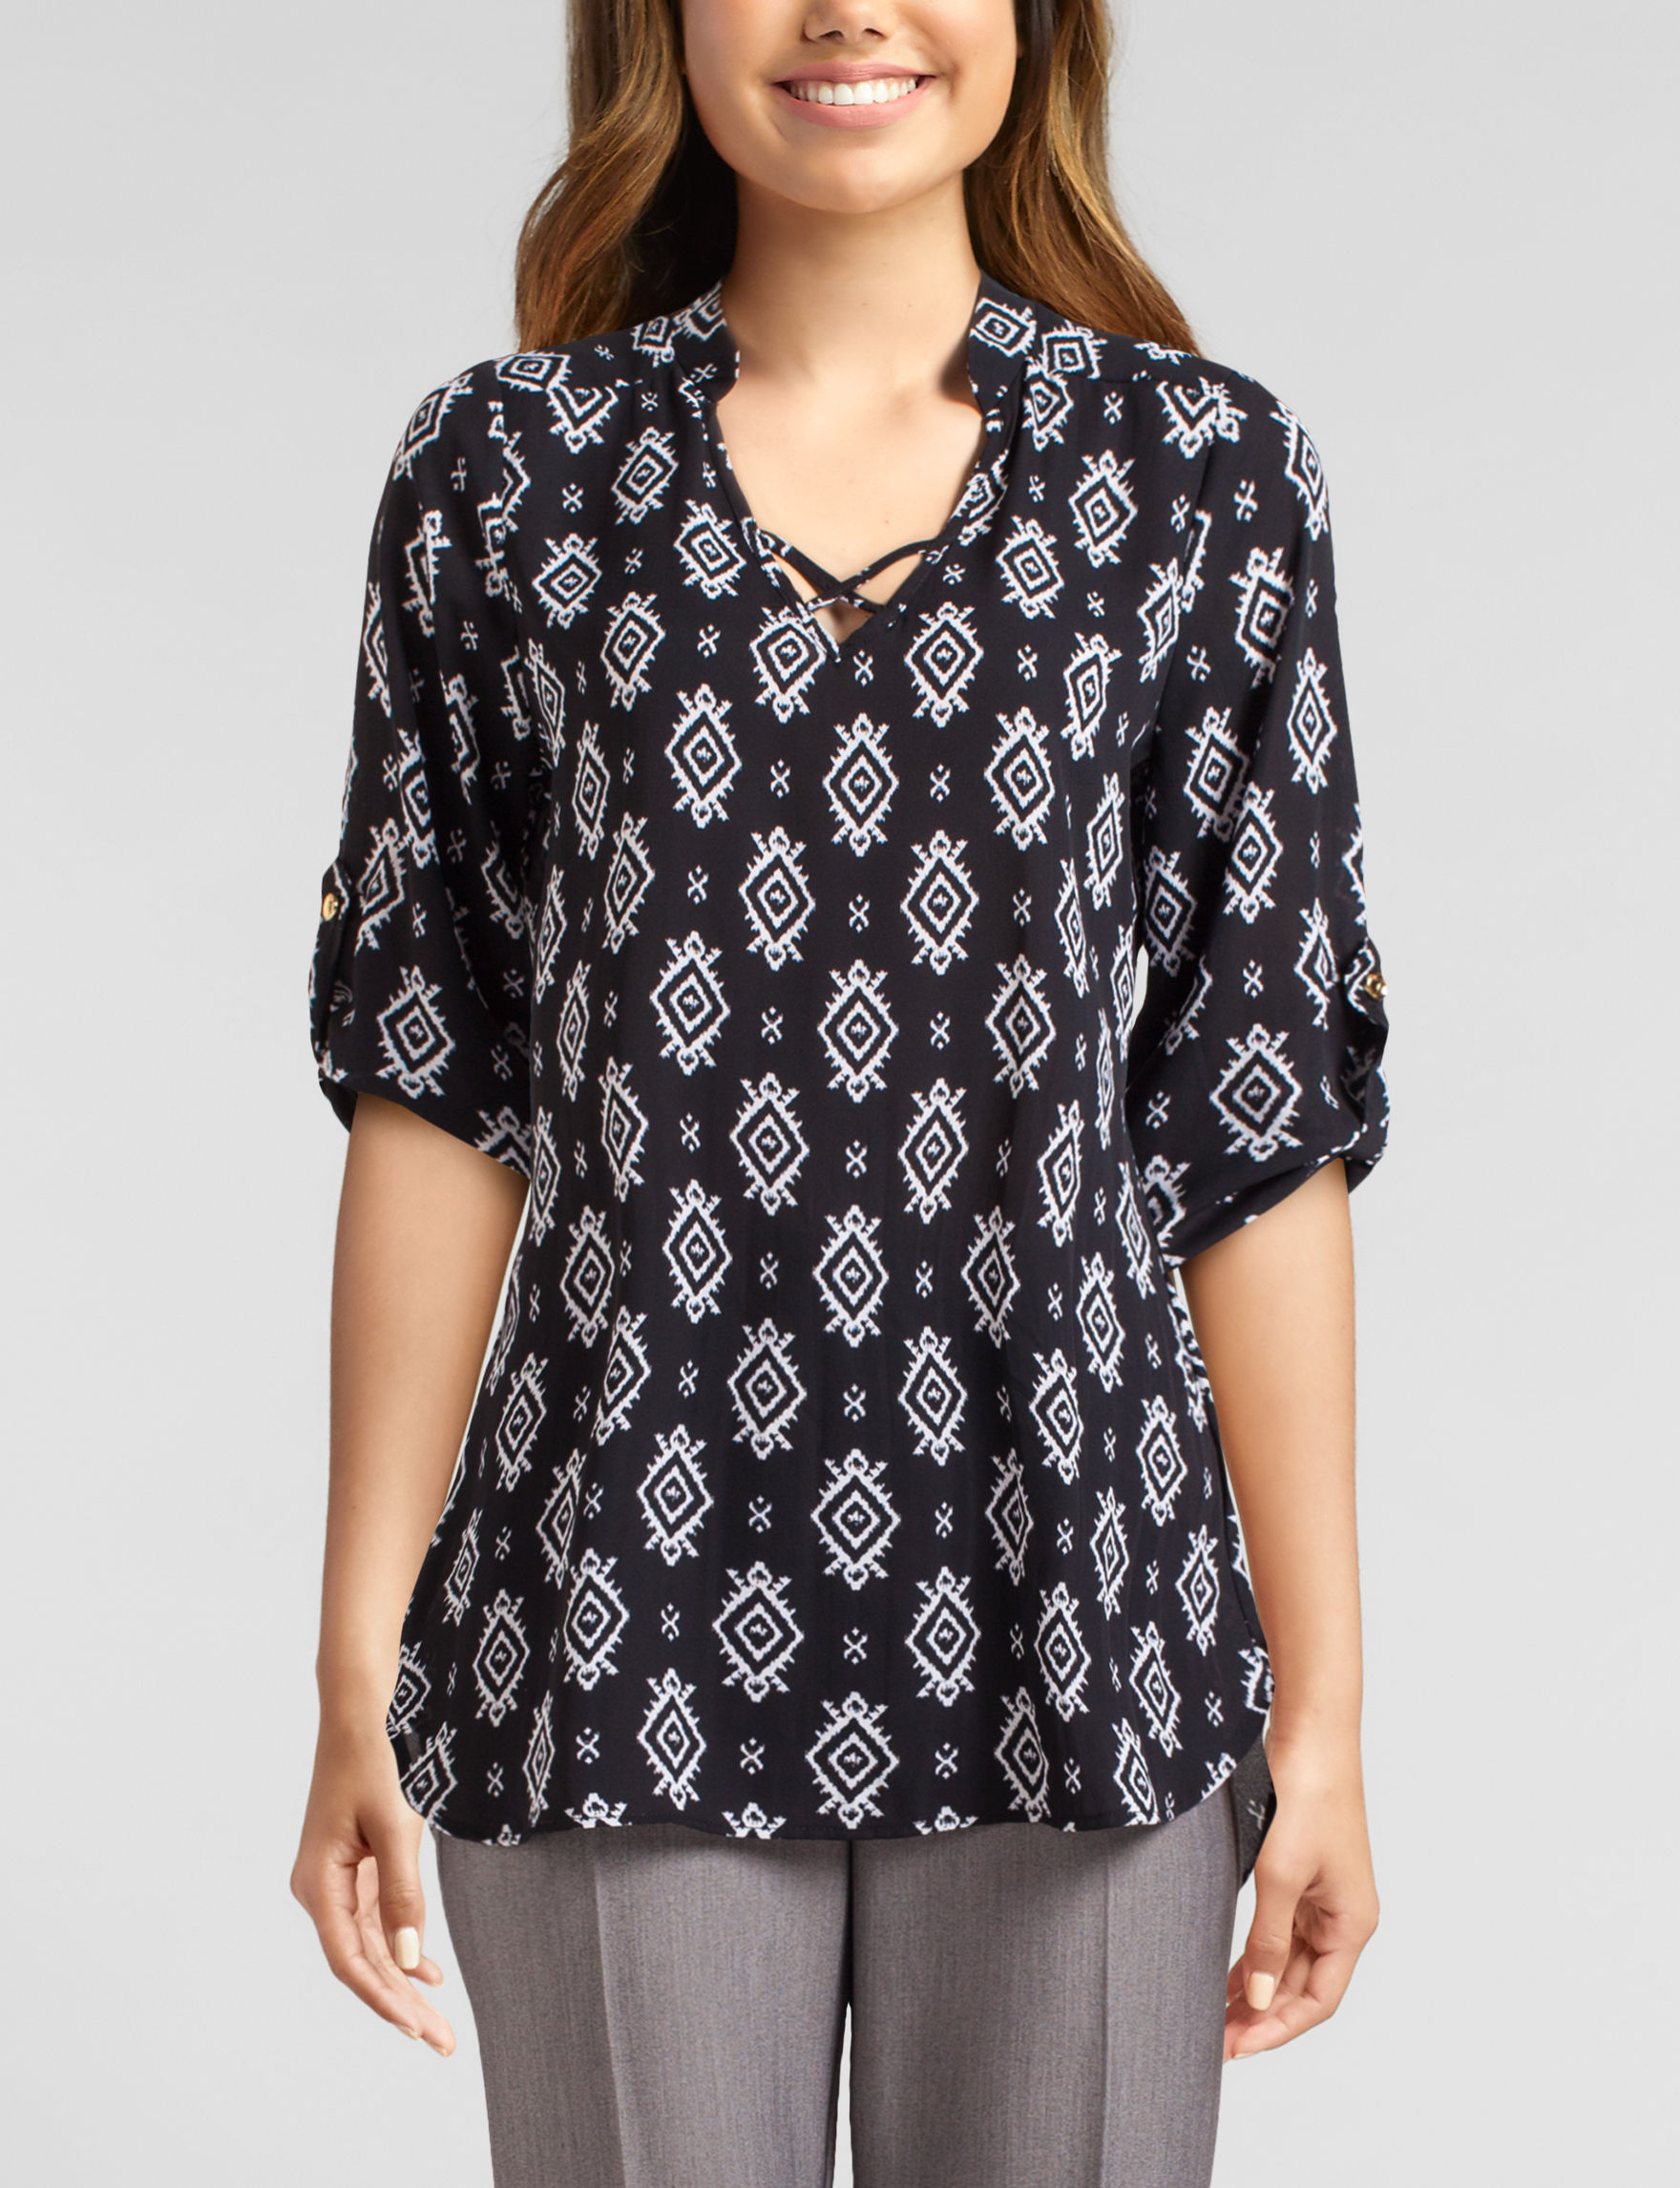 Wishful Park Black Multi Shirts & Blouses